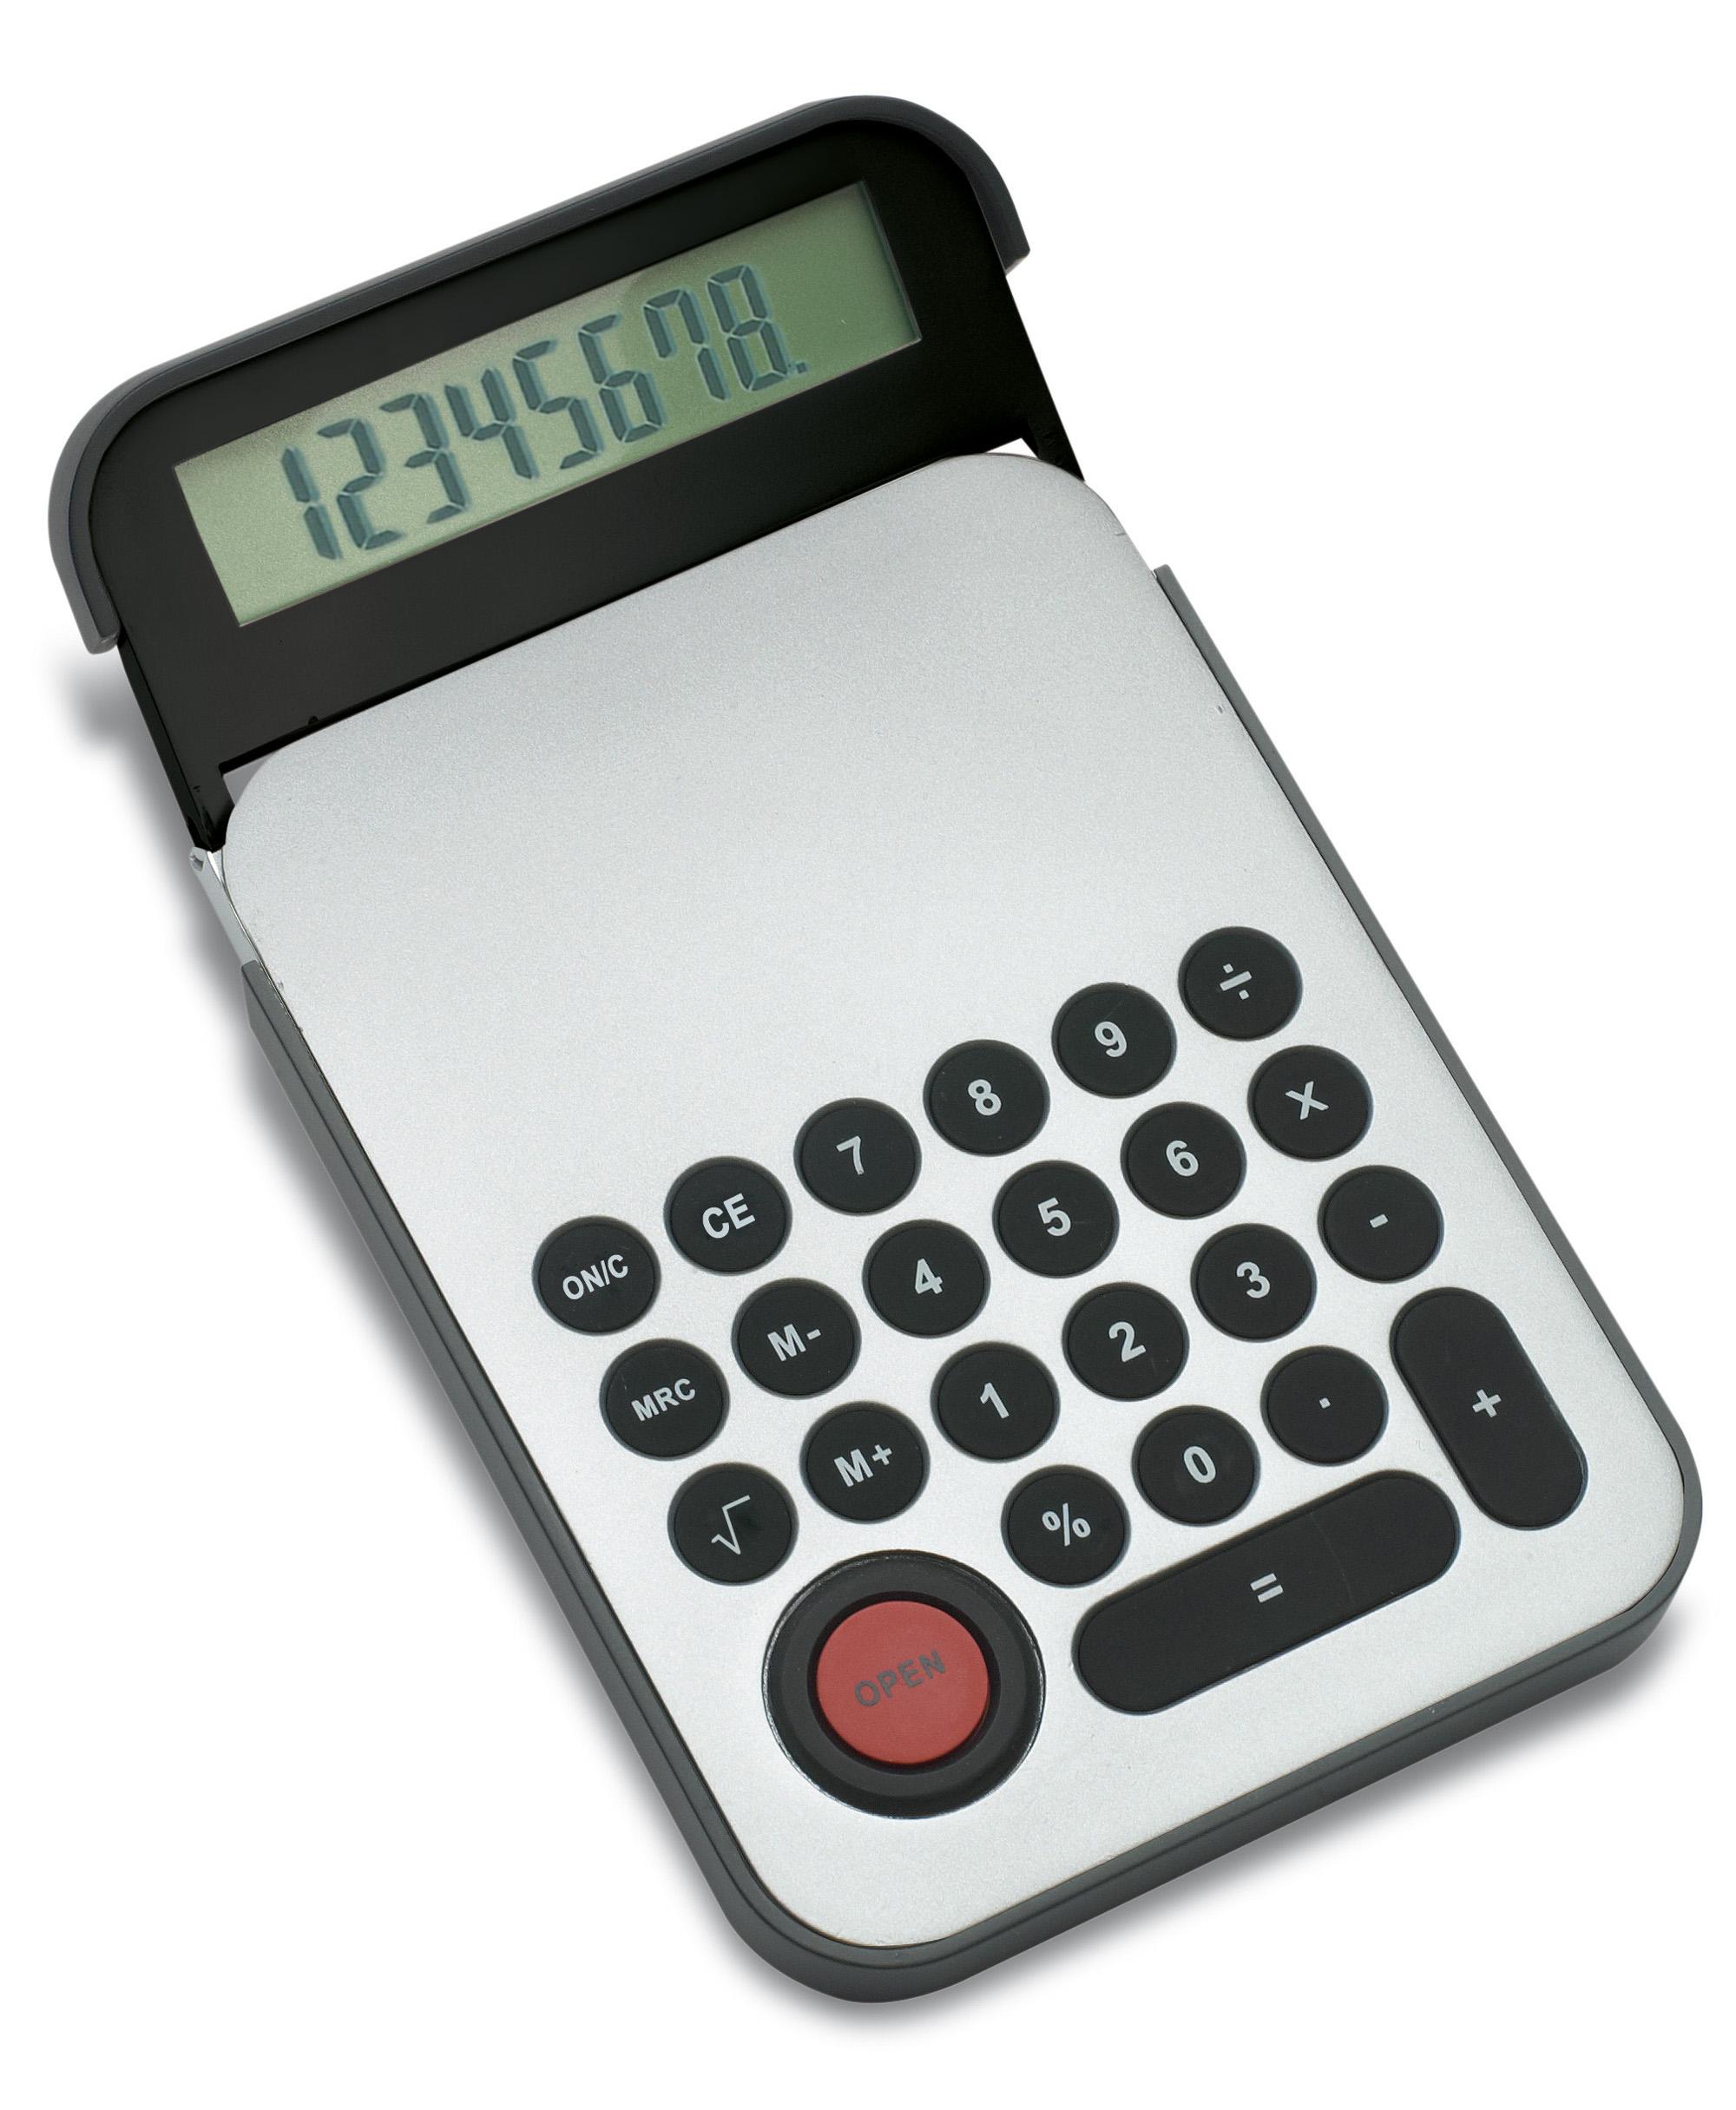 Taschenrechner REFLECTS O ...